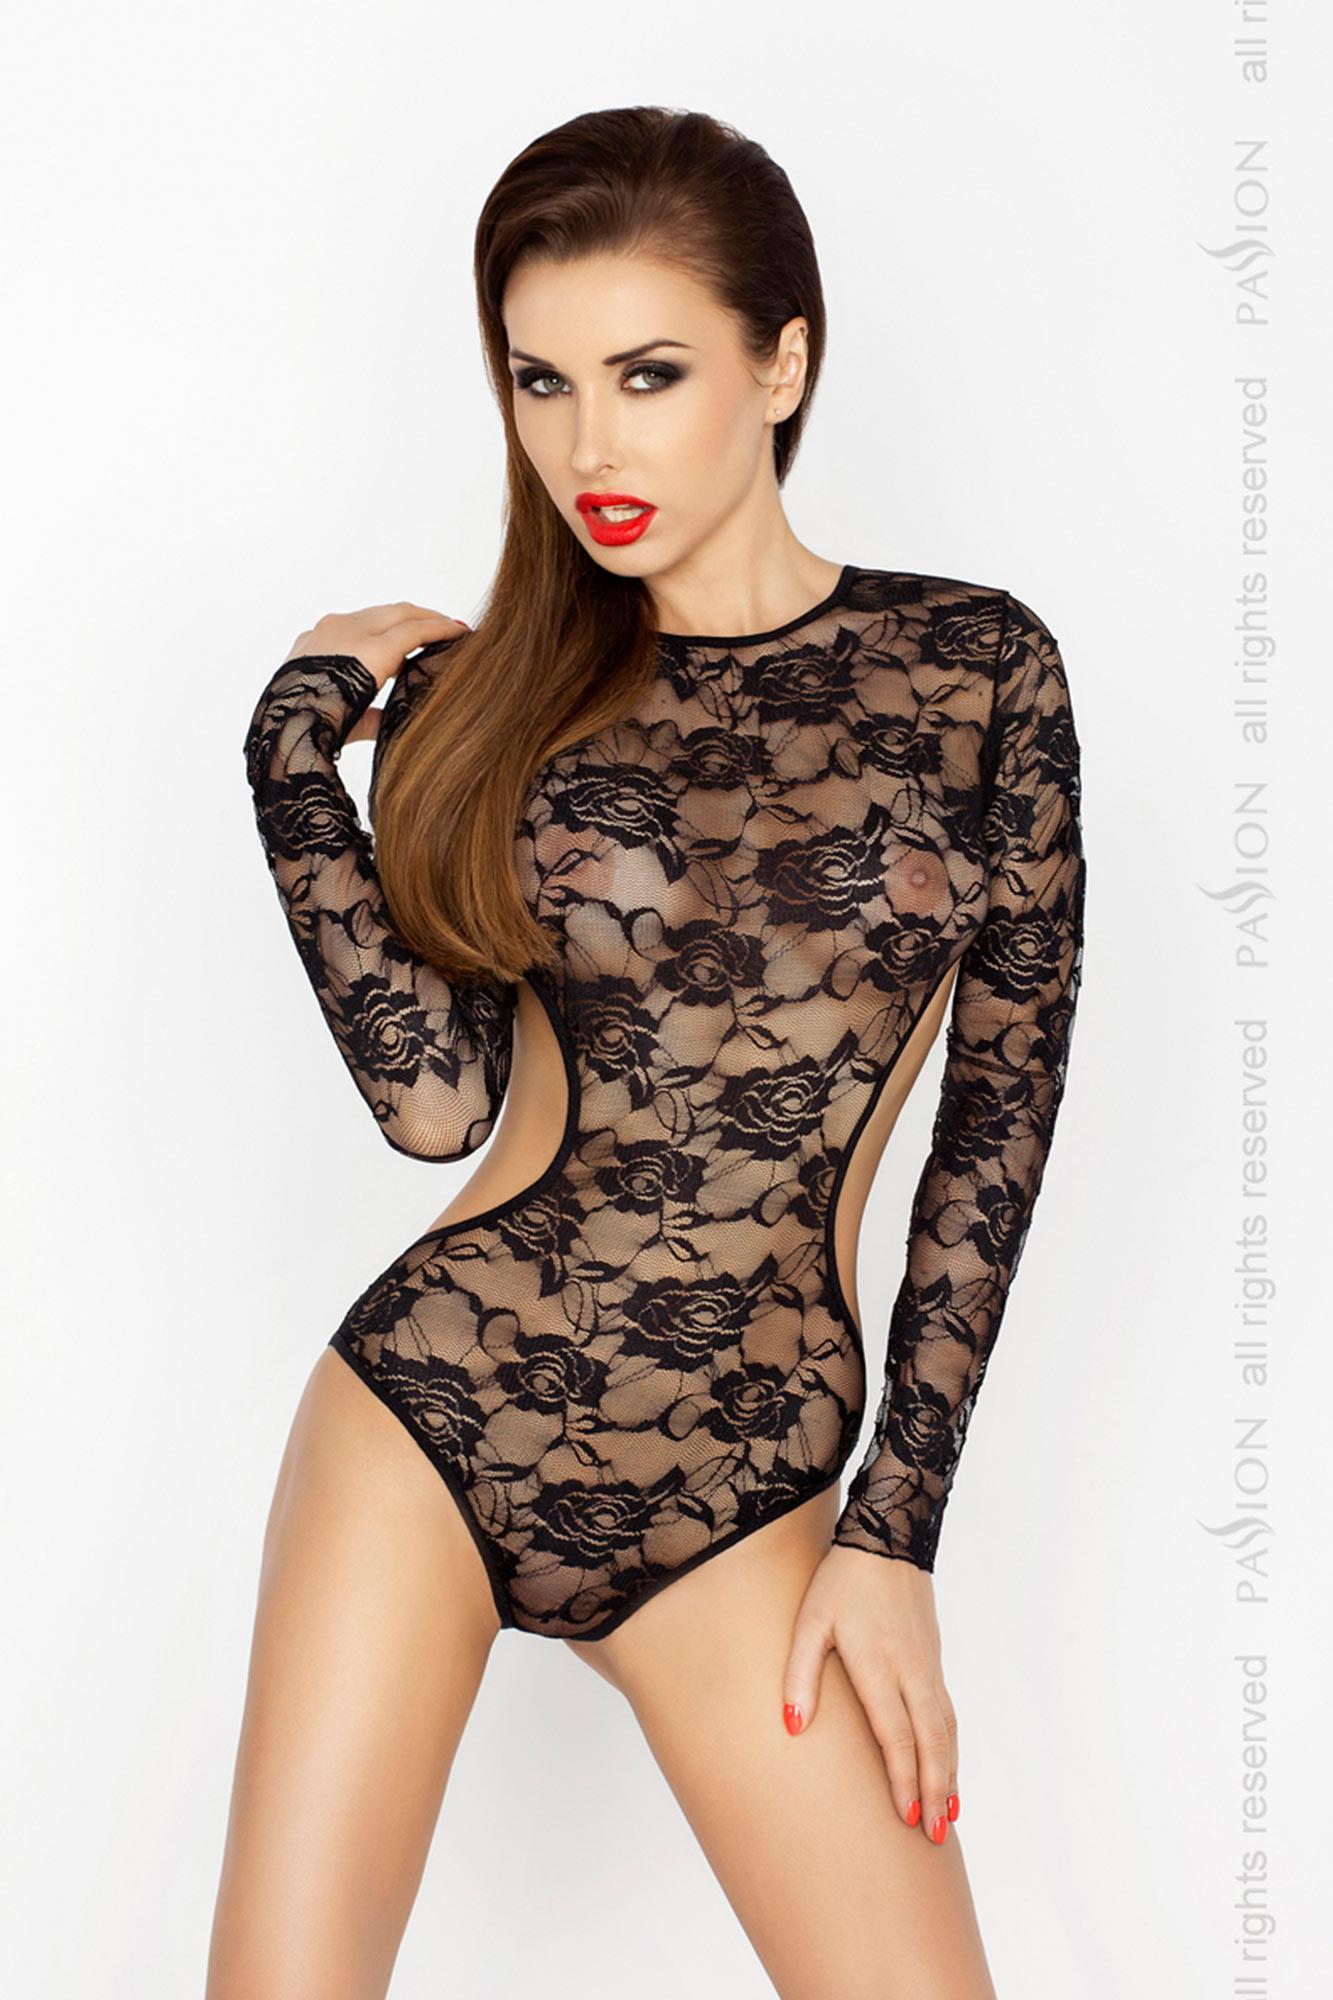 Yolanda Body